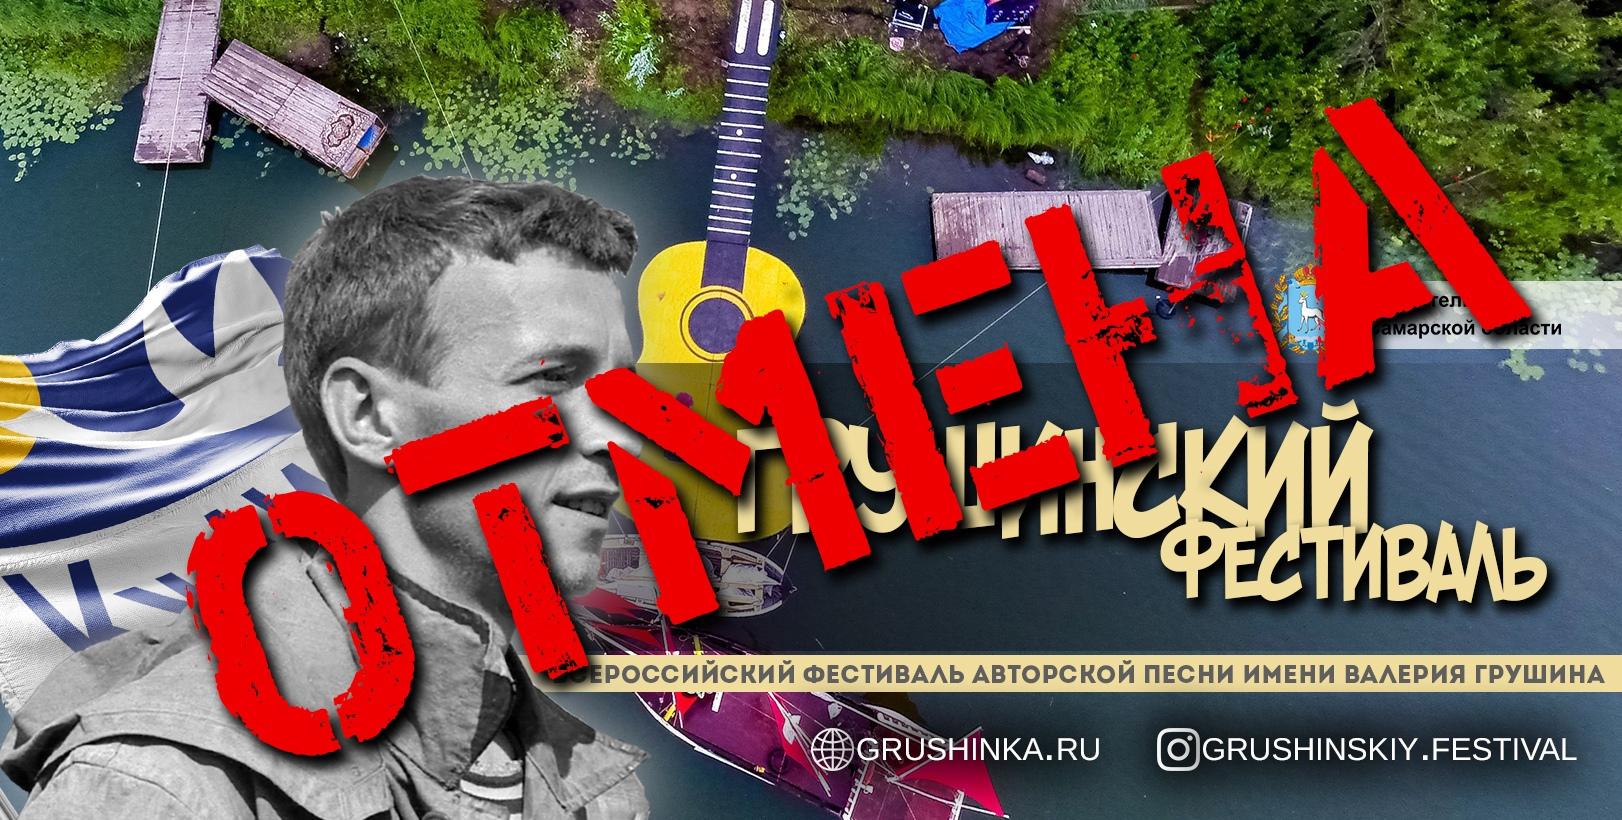 Грушинский фестиваль 2021 закрыт